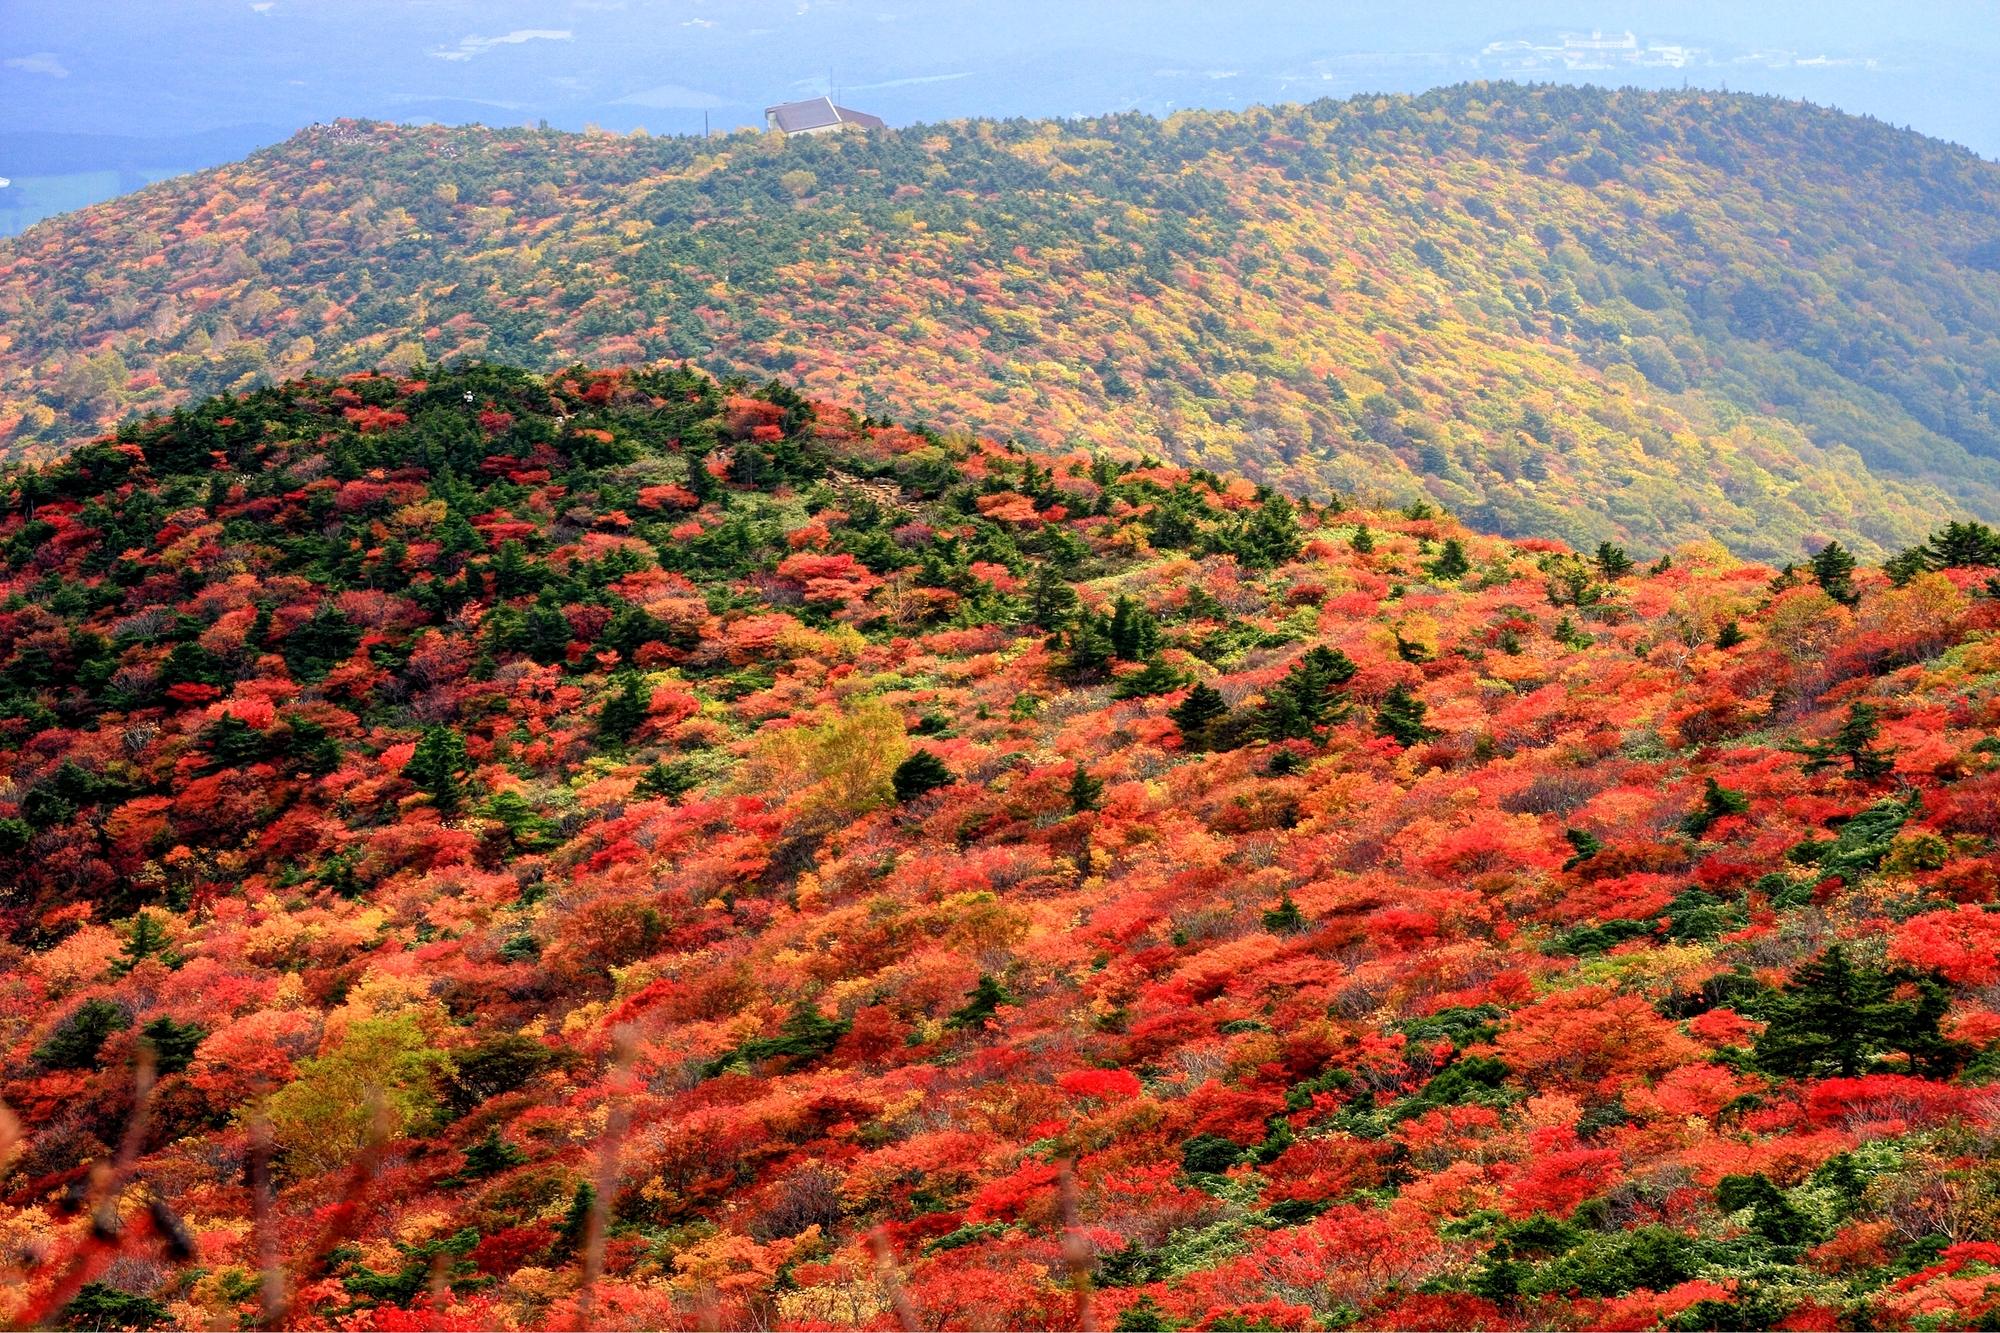 秋爛漫♪登山と一緒に温泉へ!秘湯と秋山が楽しめるオススメの紅葉登山スポットをご紹介!